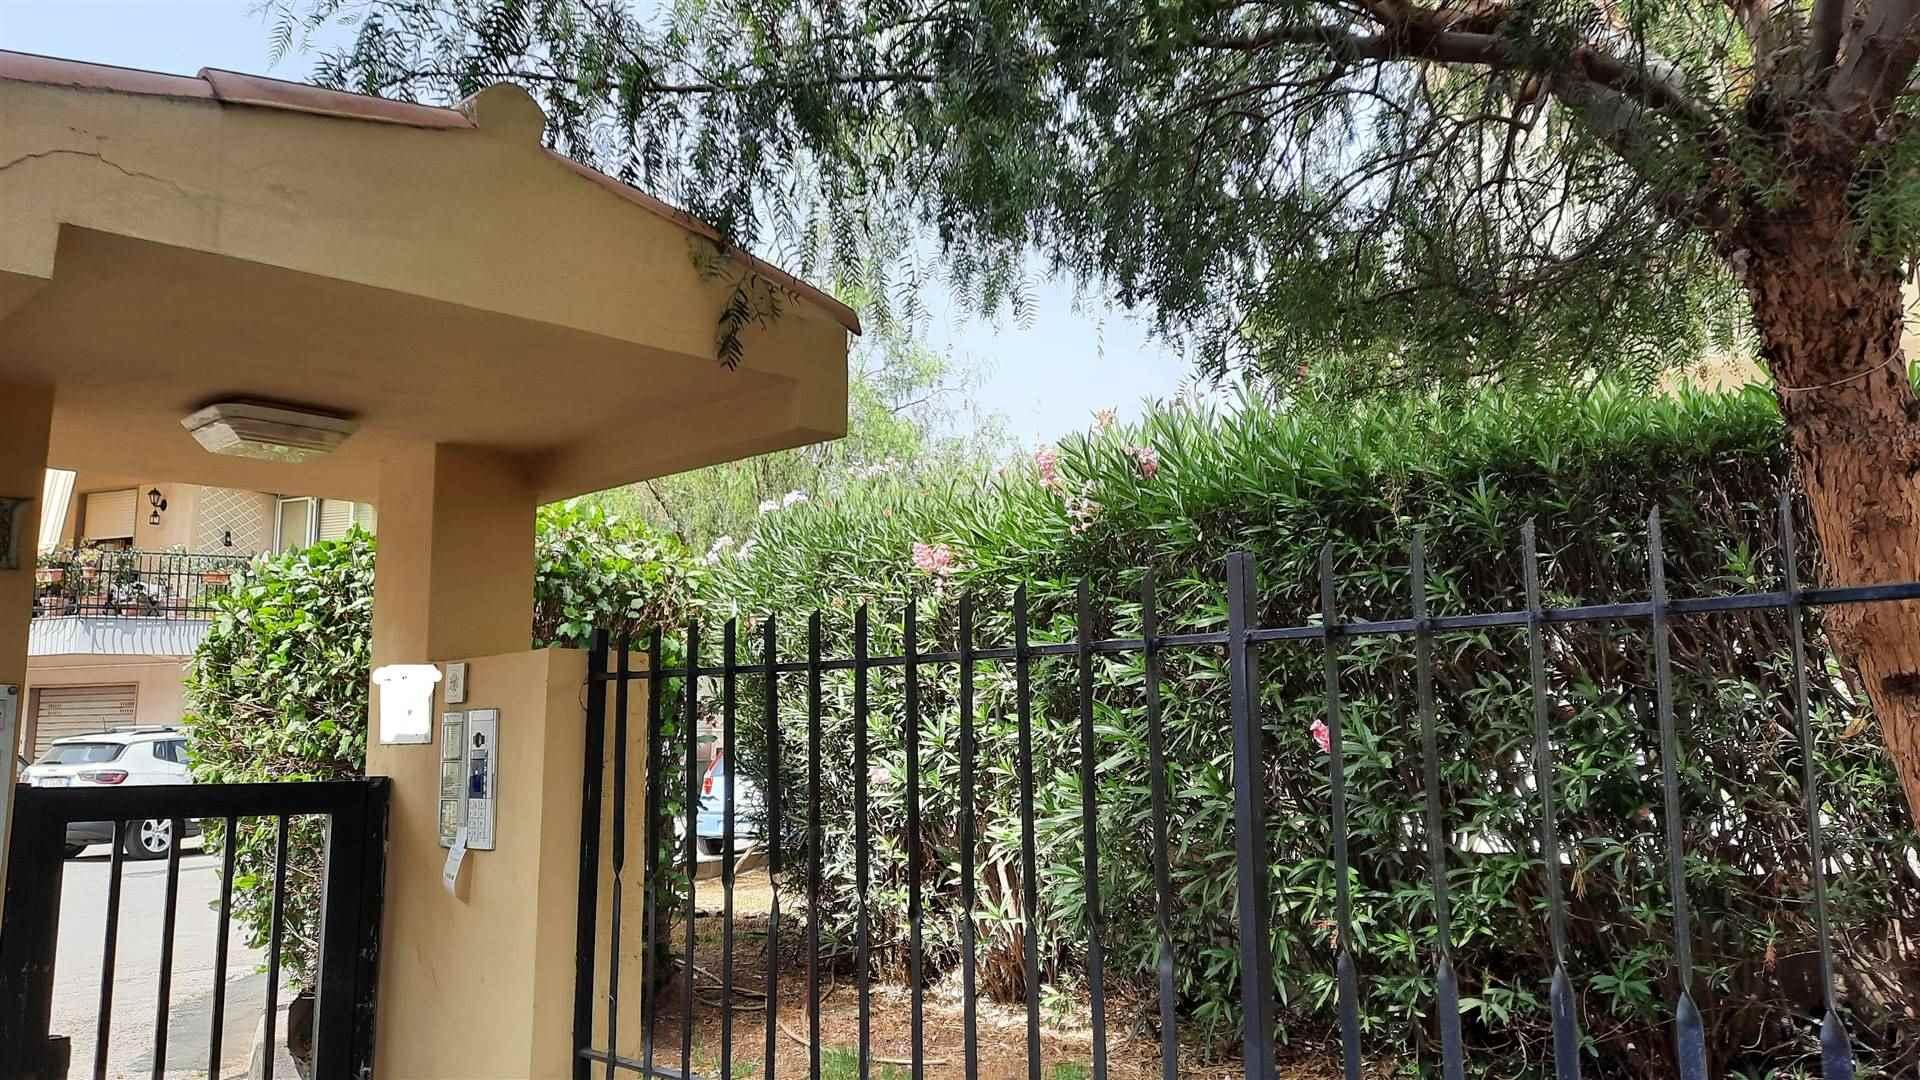 Appartamento in affitto a Siracusa, 5 locali, zona Zona: Grotticelle, prezzo € 600 | CambioCasa.it